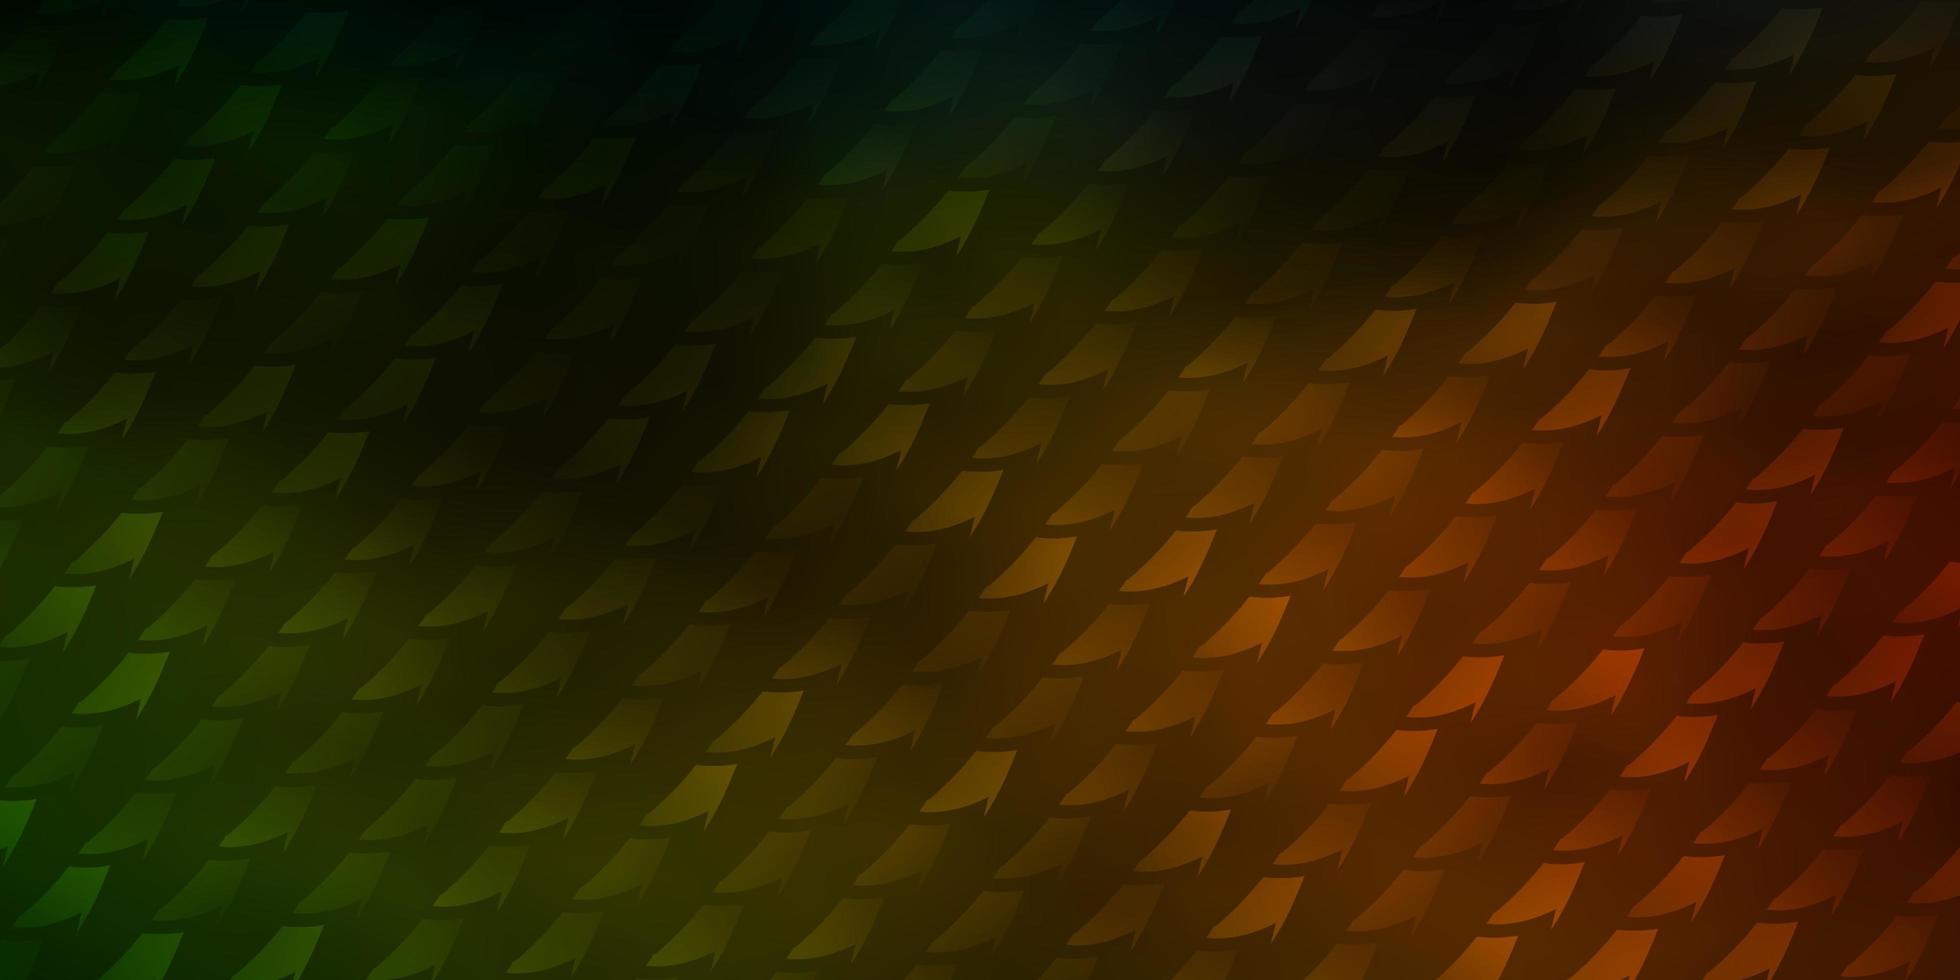 mise en page vert foncé et rouge avec des formes abstraites vecteur